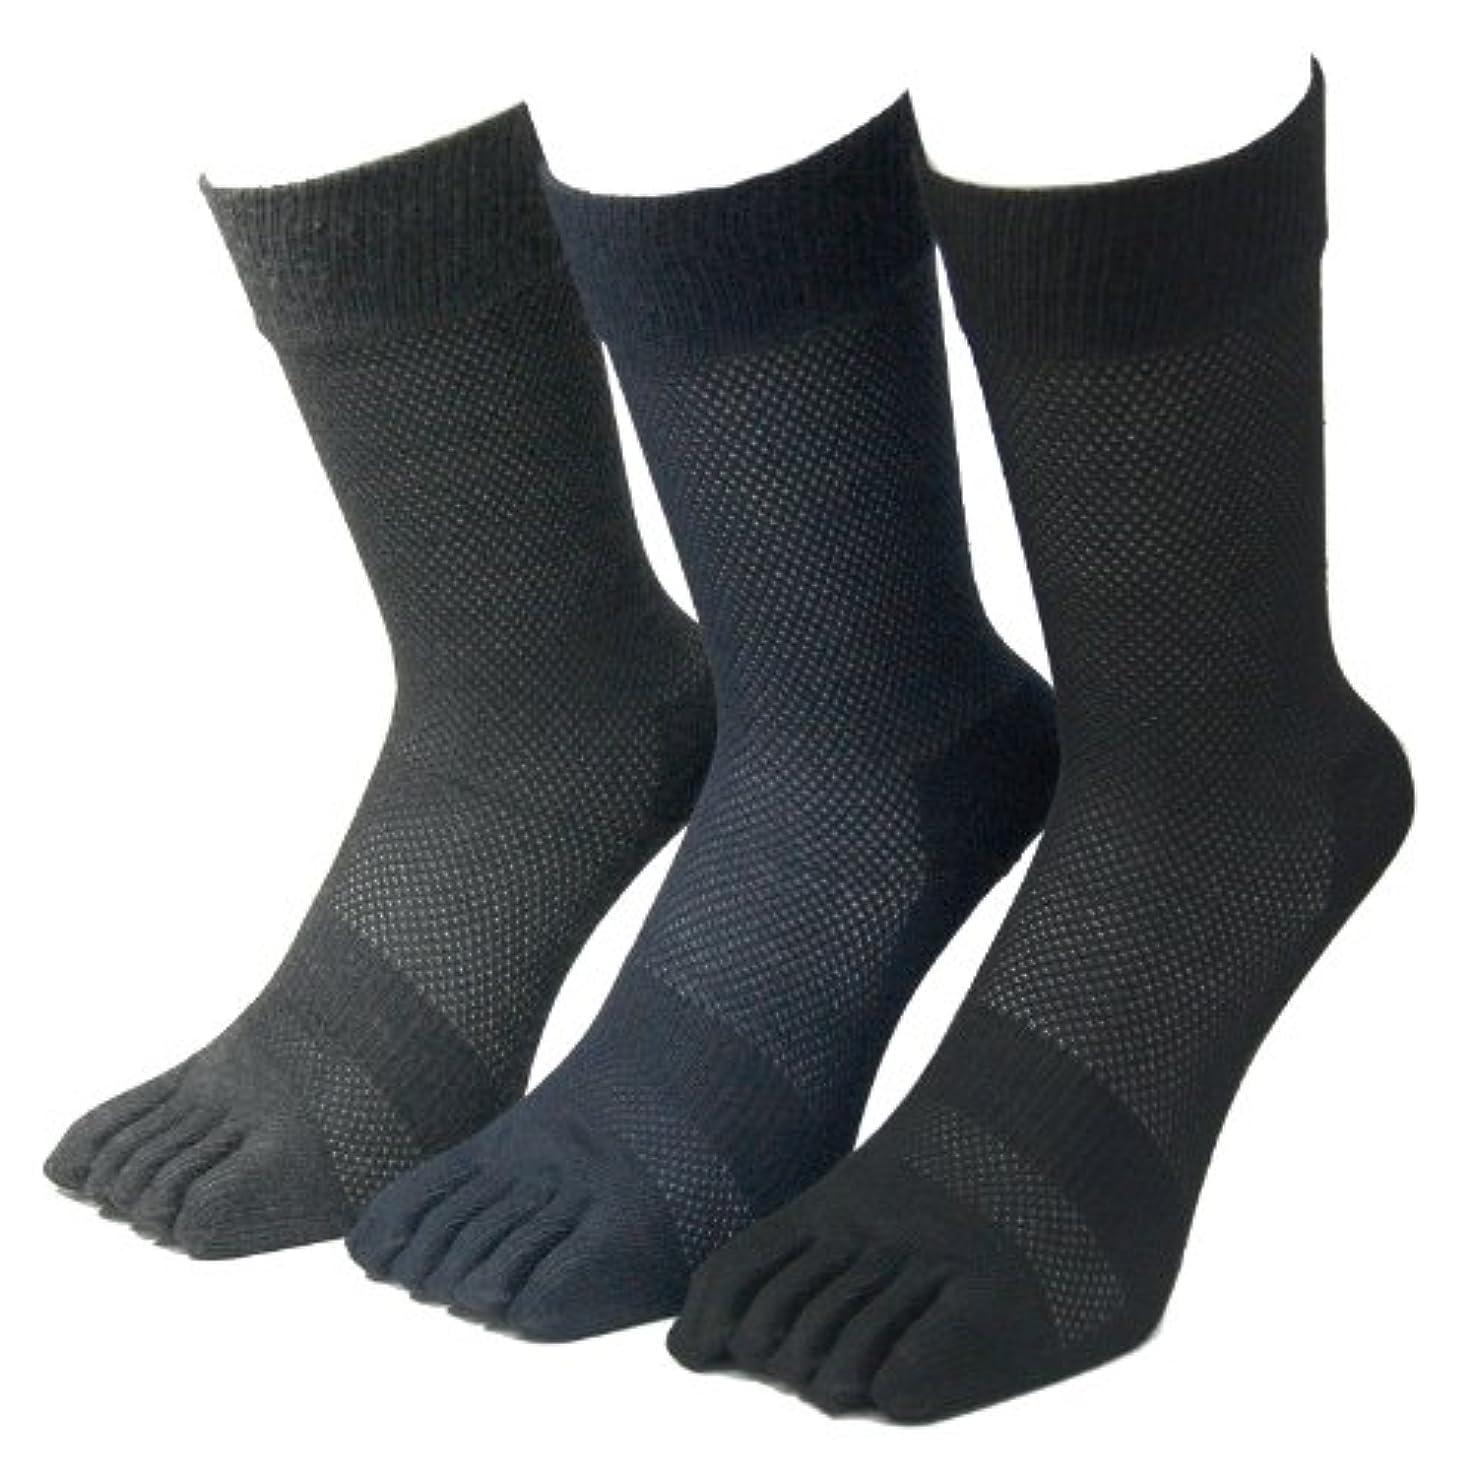 滑りやすい目立つ出会い銀マジック 抗菌消臭 五本指銀イオン靴下 メッシュ編 3色アソート 3足組 男性用 811